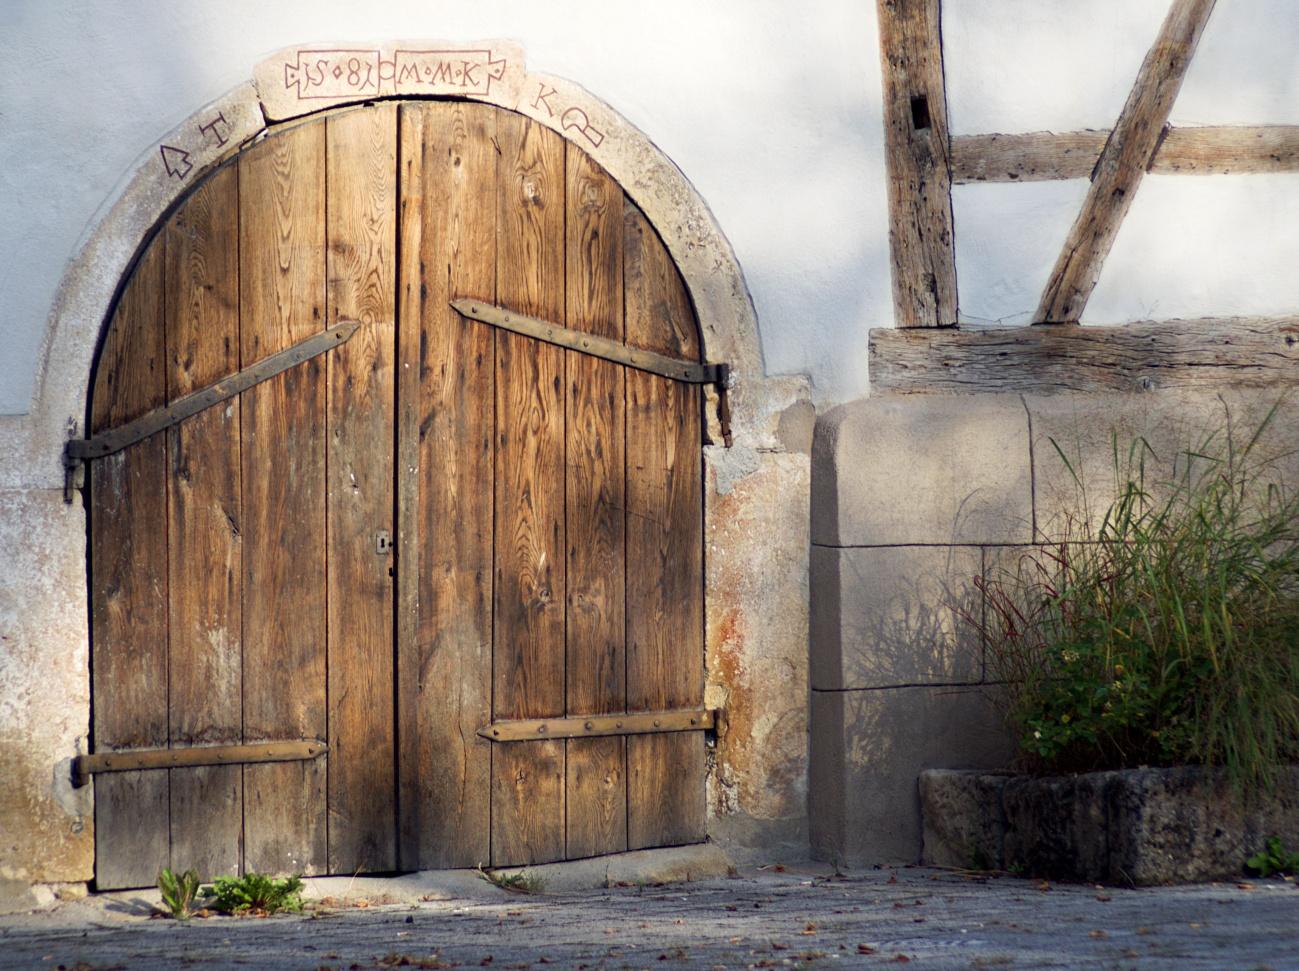 Wieder einmal meine Referenzscheunentüre #1